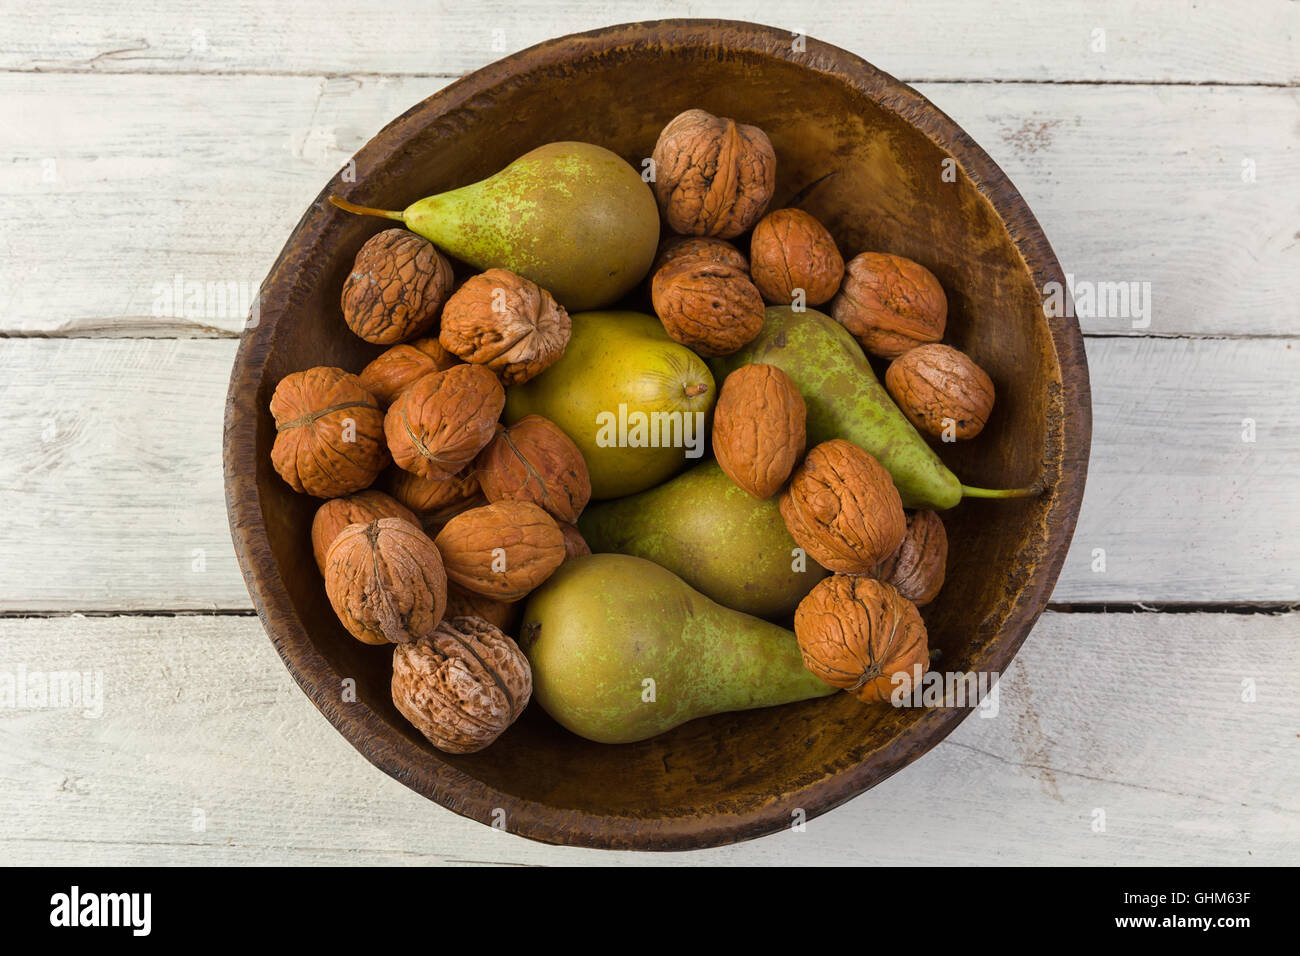 Automne Nature morte avec un bol de poires et les noix sur une grunge background Photo Stock